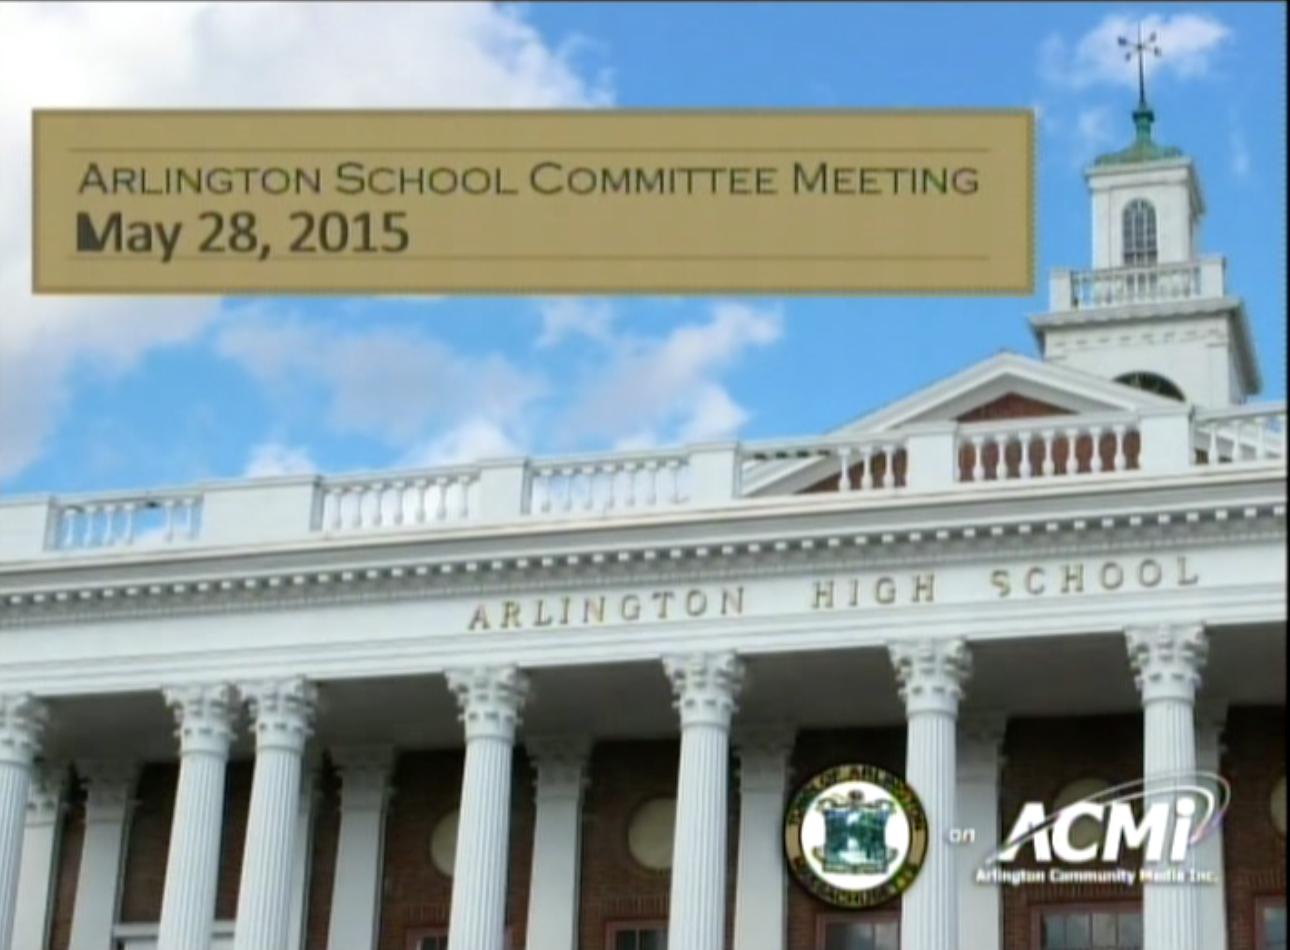 School Committee Meeting – May 28, 2015